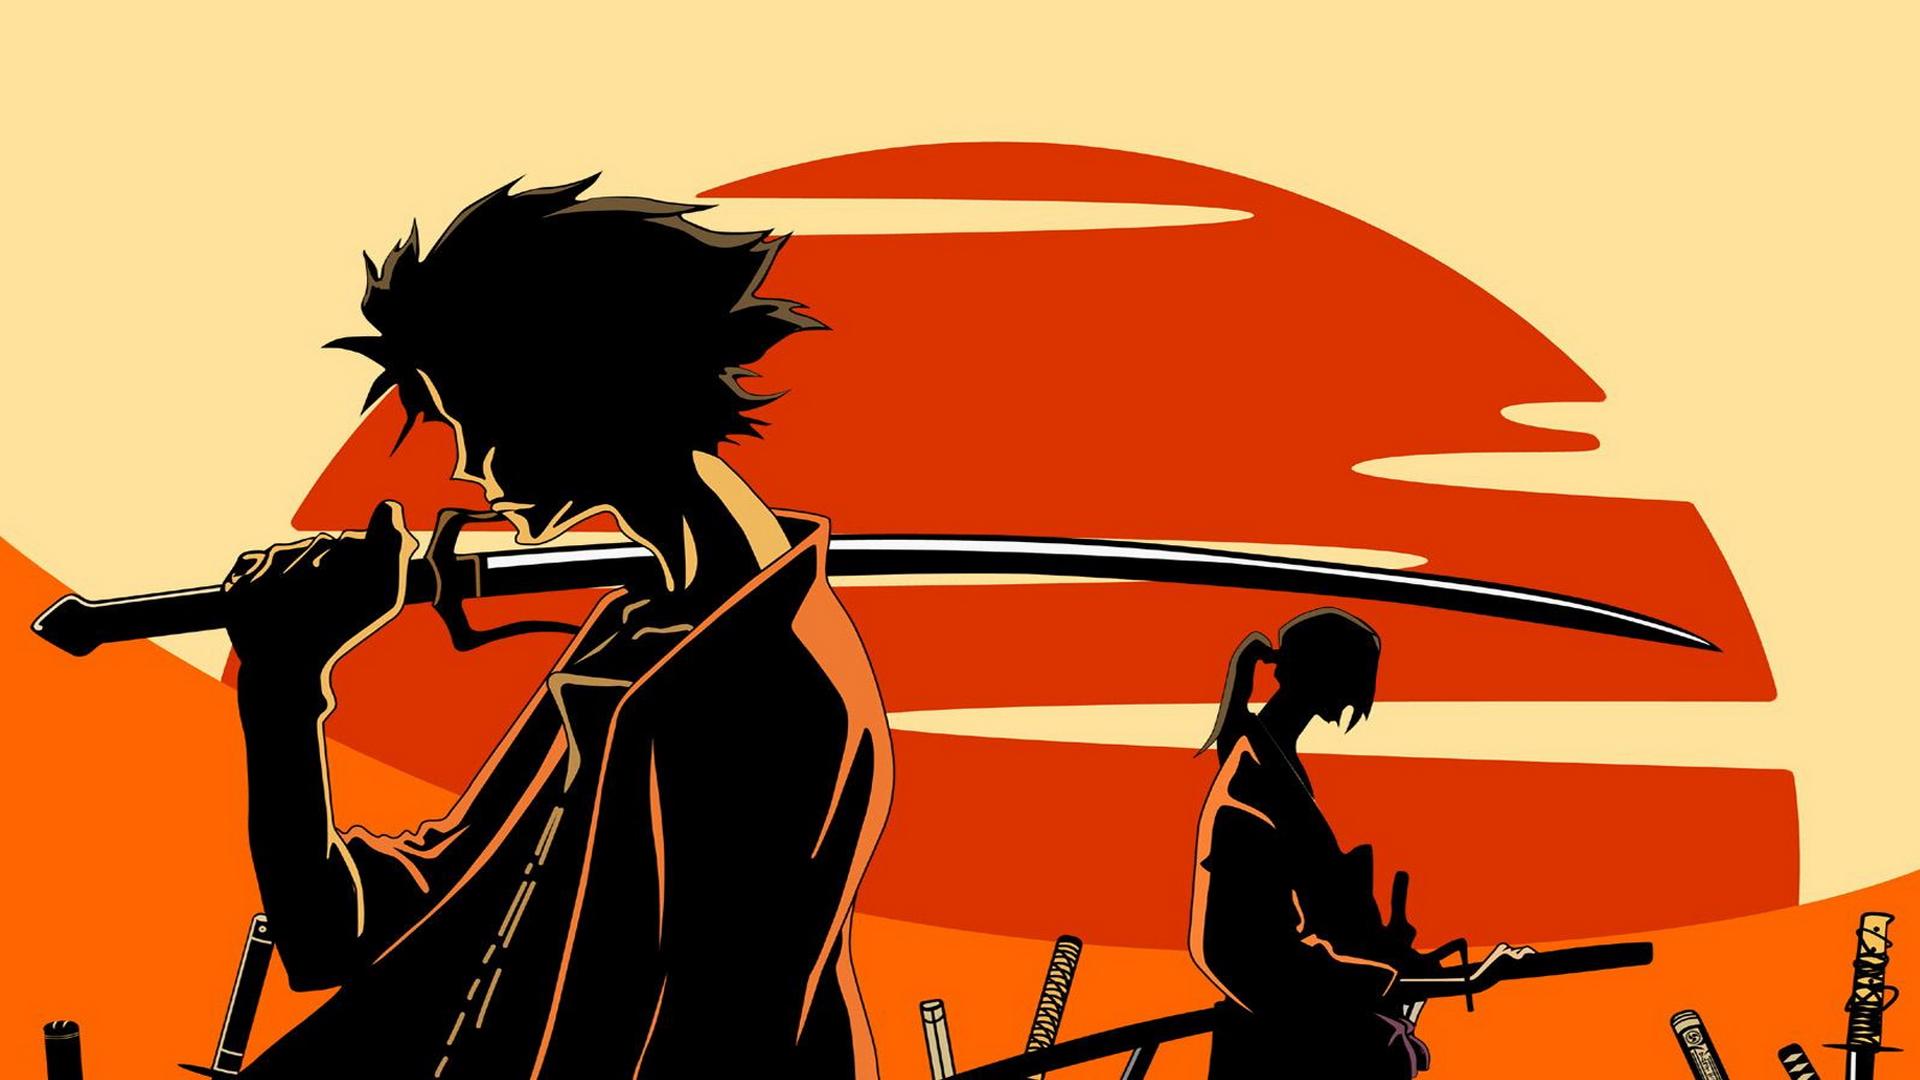 Samurai Champloo: Very Animated